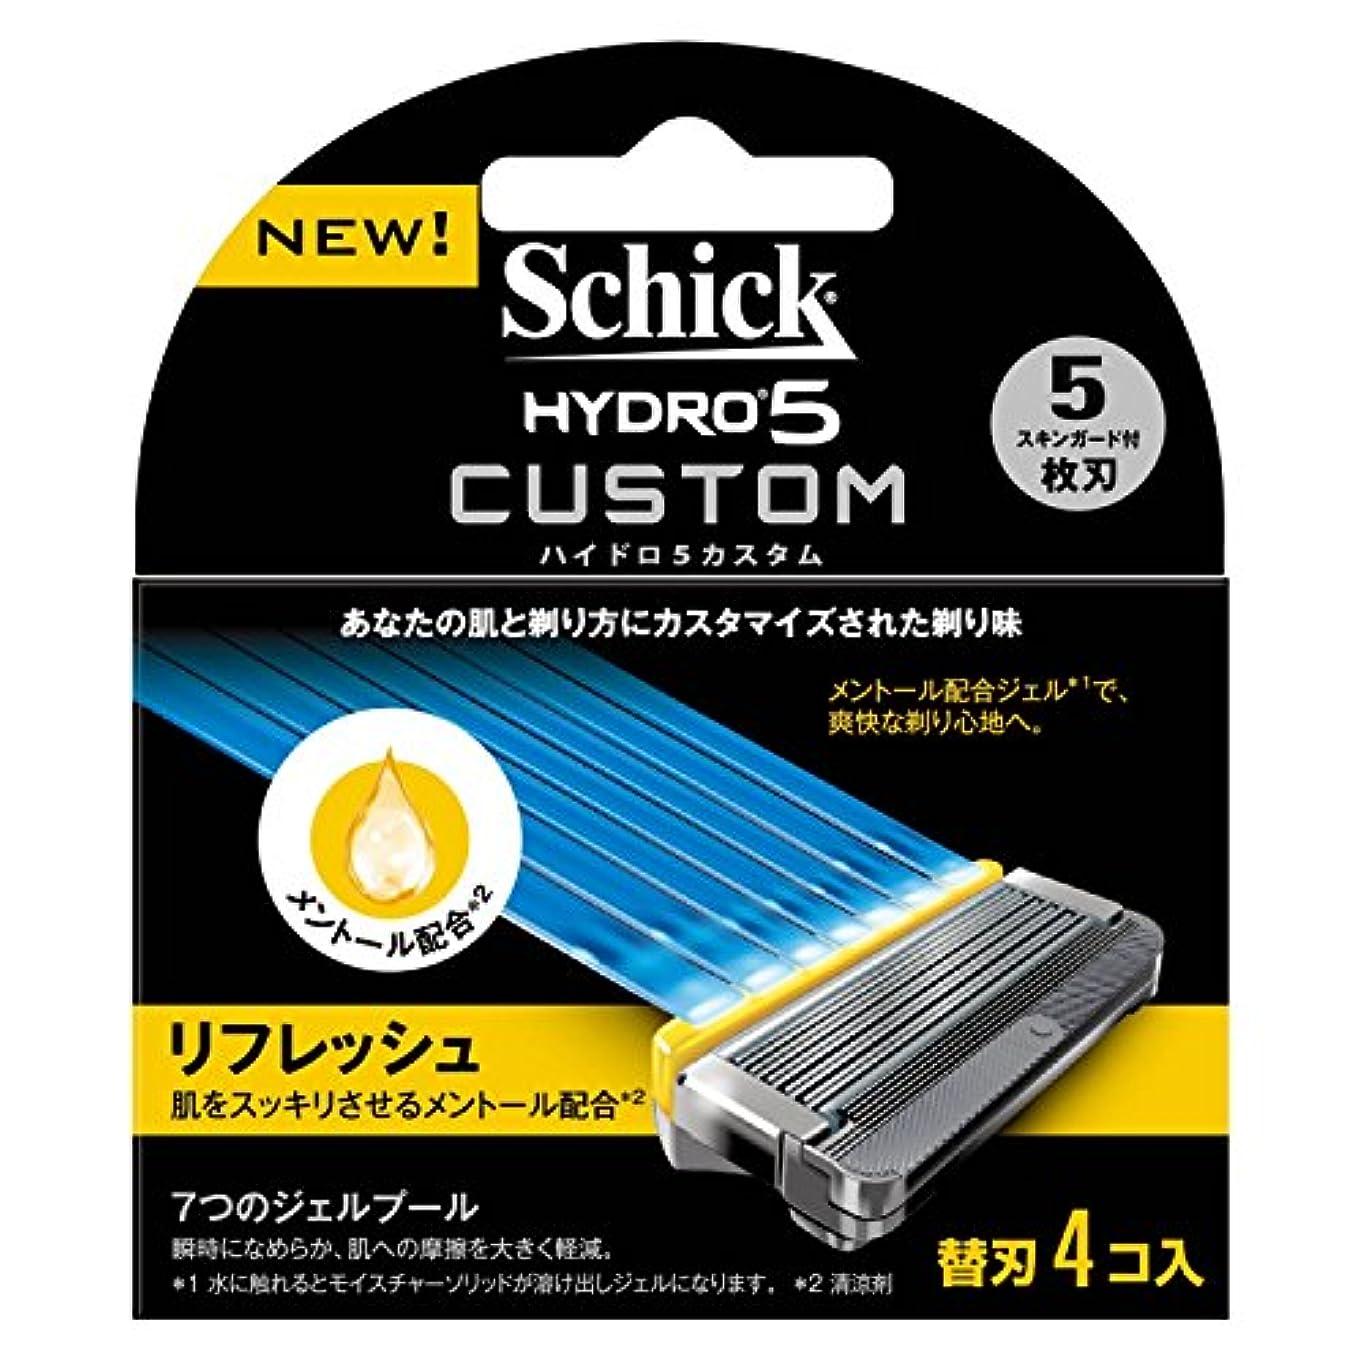 評価可能フラフープシック Schick 5枚刃 ハイドロ5 カスタム リフレッシュ 替刃 4コ入 男性 カミソリ